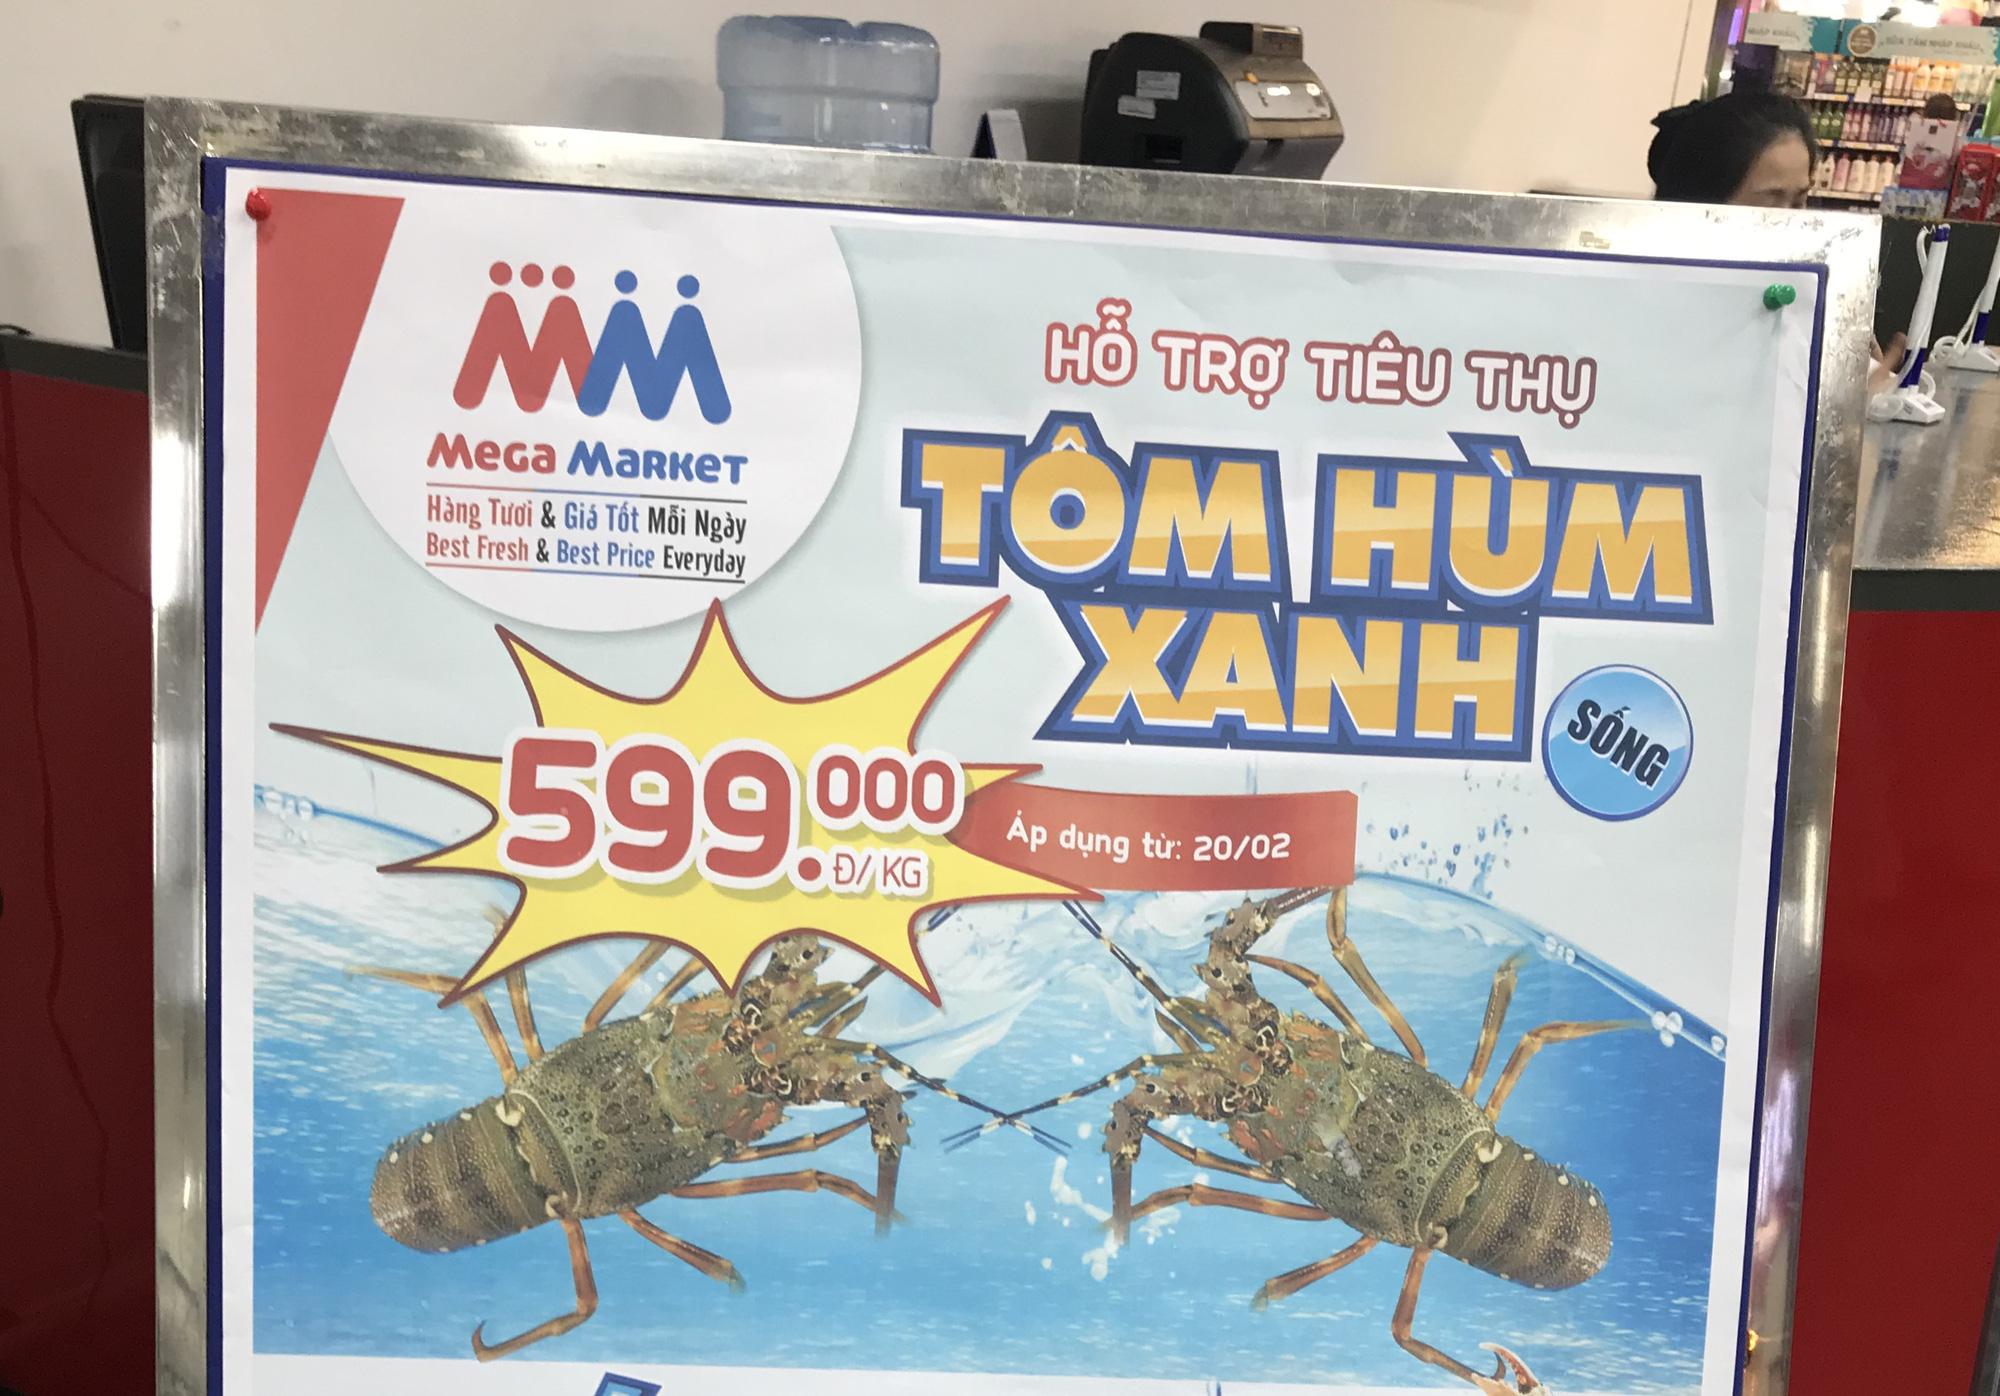 Sau Aeon, VinMart thì Lotte Mart, MM Mega Market cũng vào cuộc giải cứu tôm hùm, tôm sống chỉ 599.000 đồng/kg - Ảnh 1.